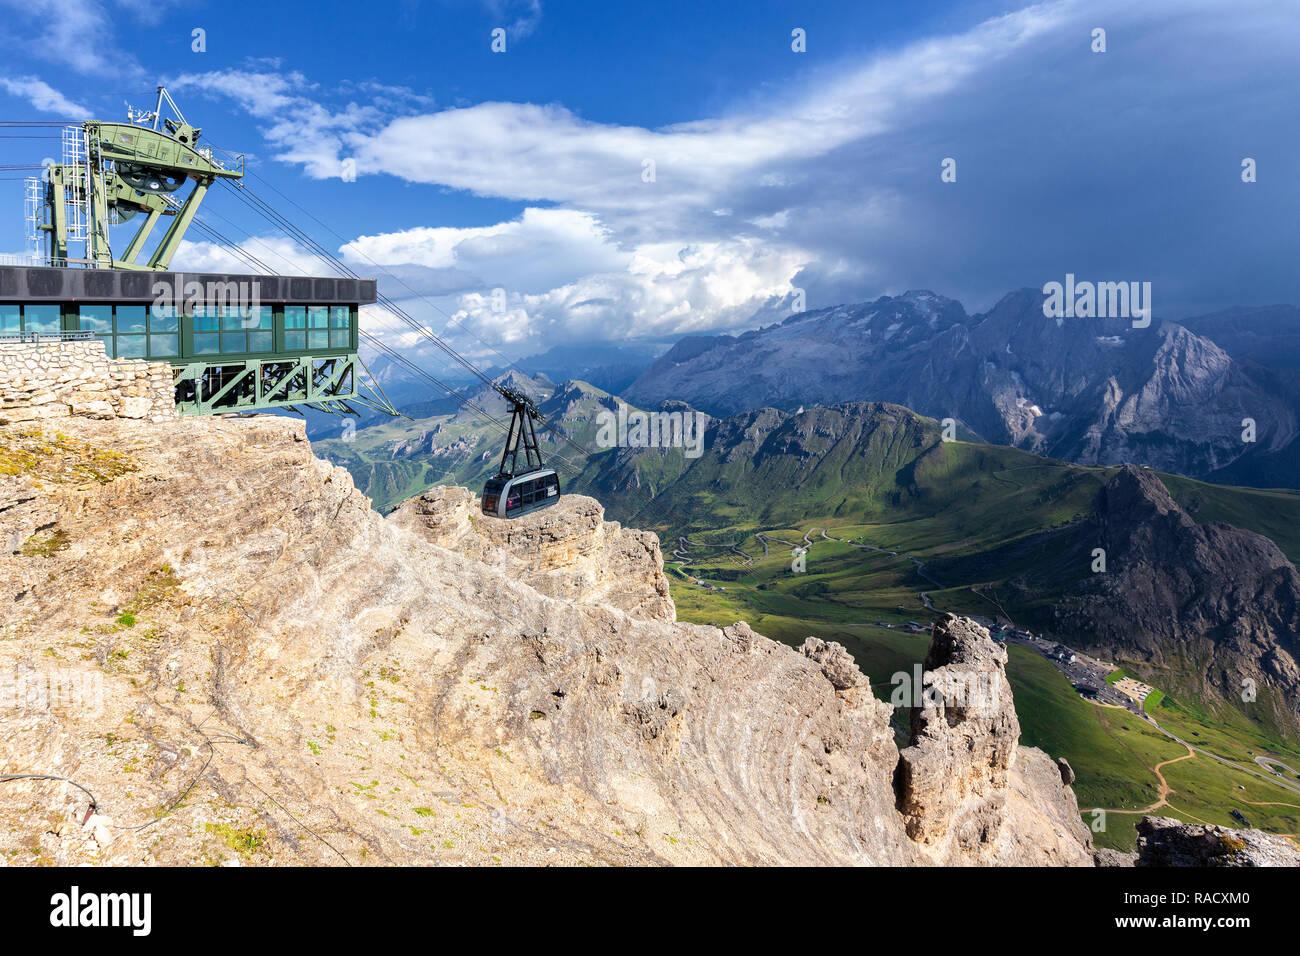 Pordoi cable car, Piz Pordoi, Pordoi Pass, Fassa Valley, Trentino, Dolomites, Italy, Europe - Stock Image